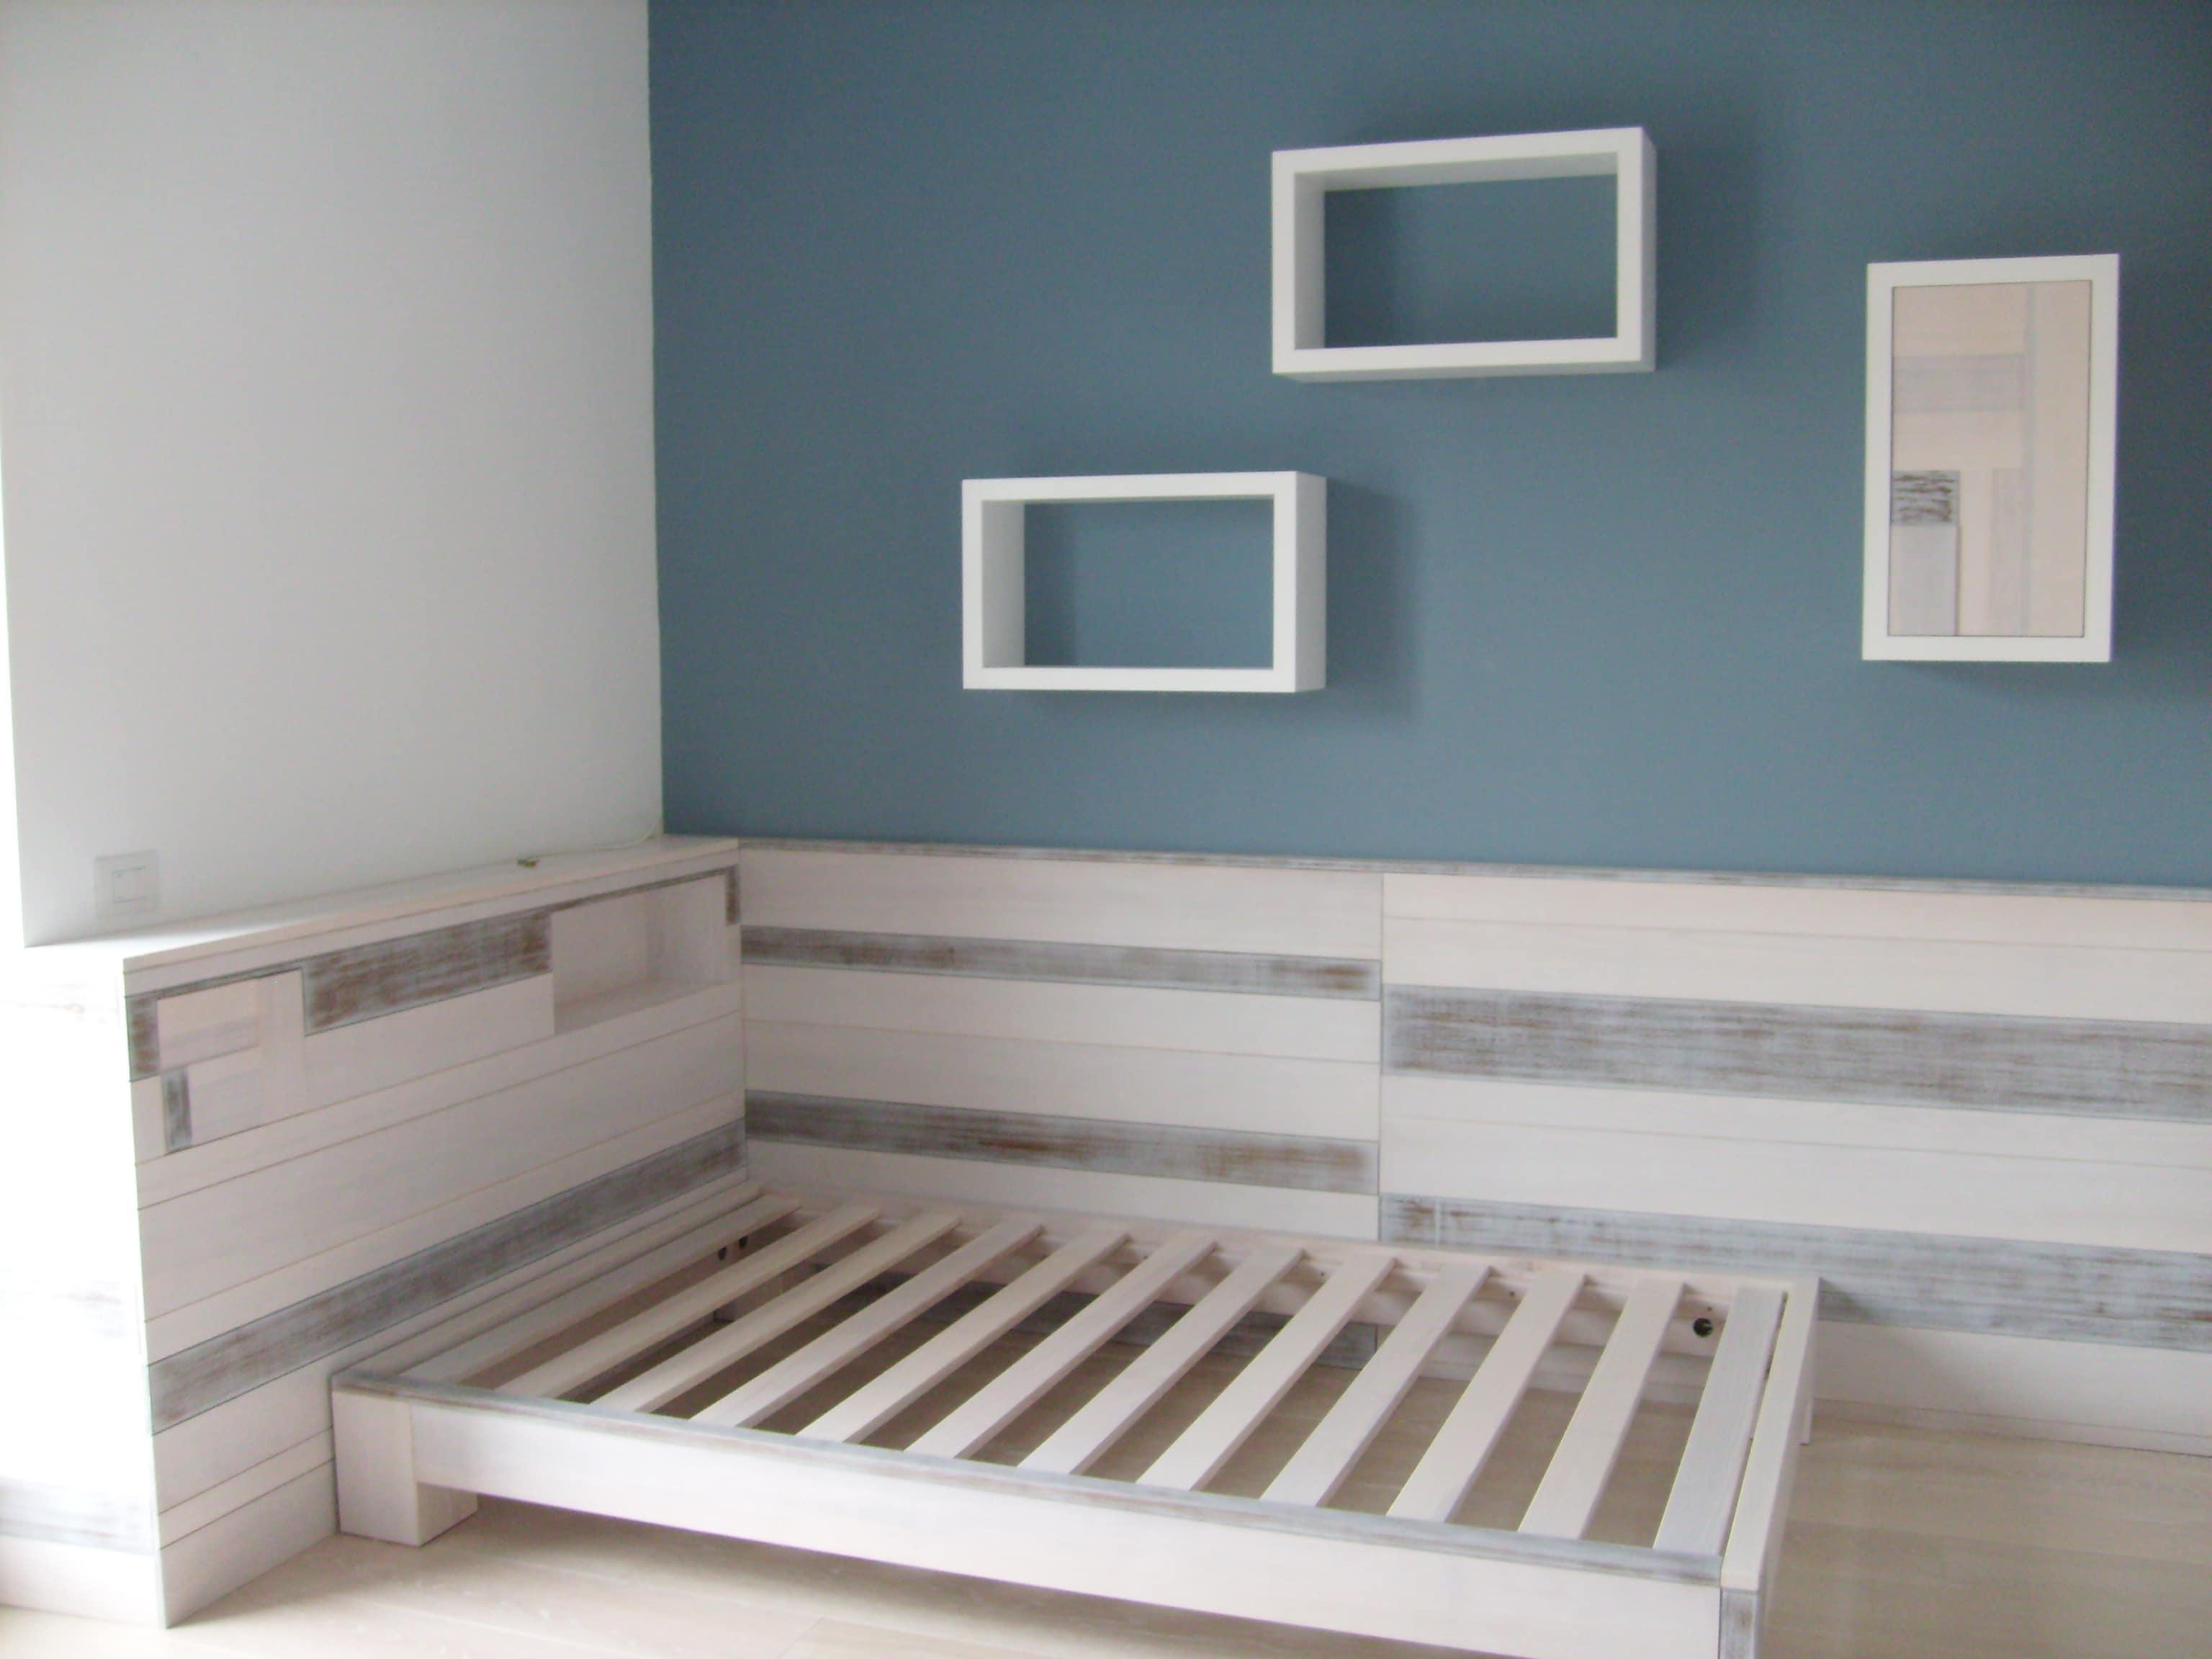 Struttura letto con applicazioni di legno massello frassino verniciato. Progetto: architetto Roberto Virdis